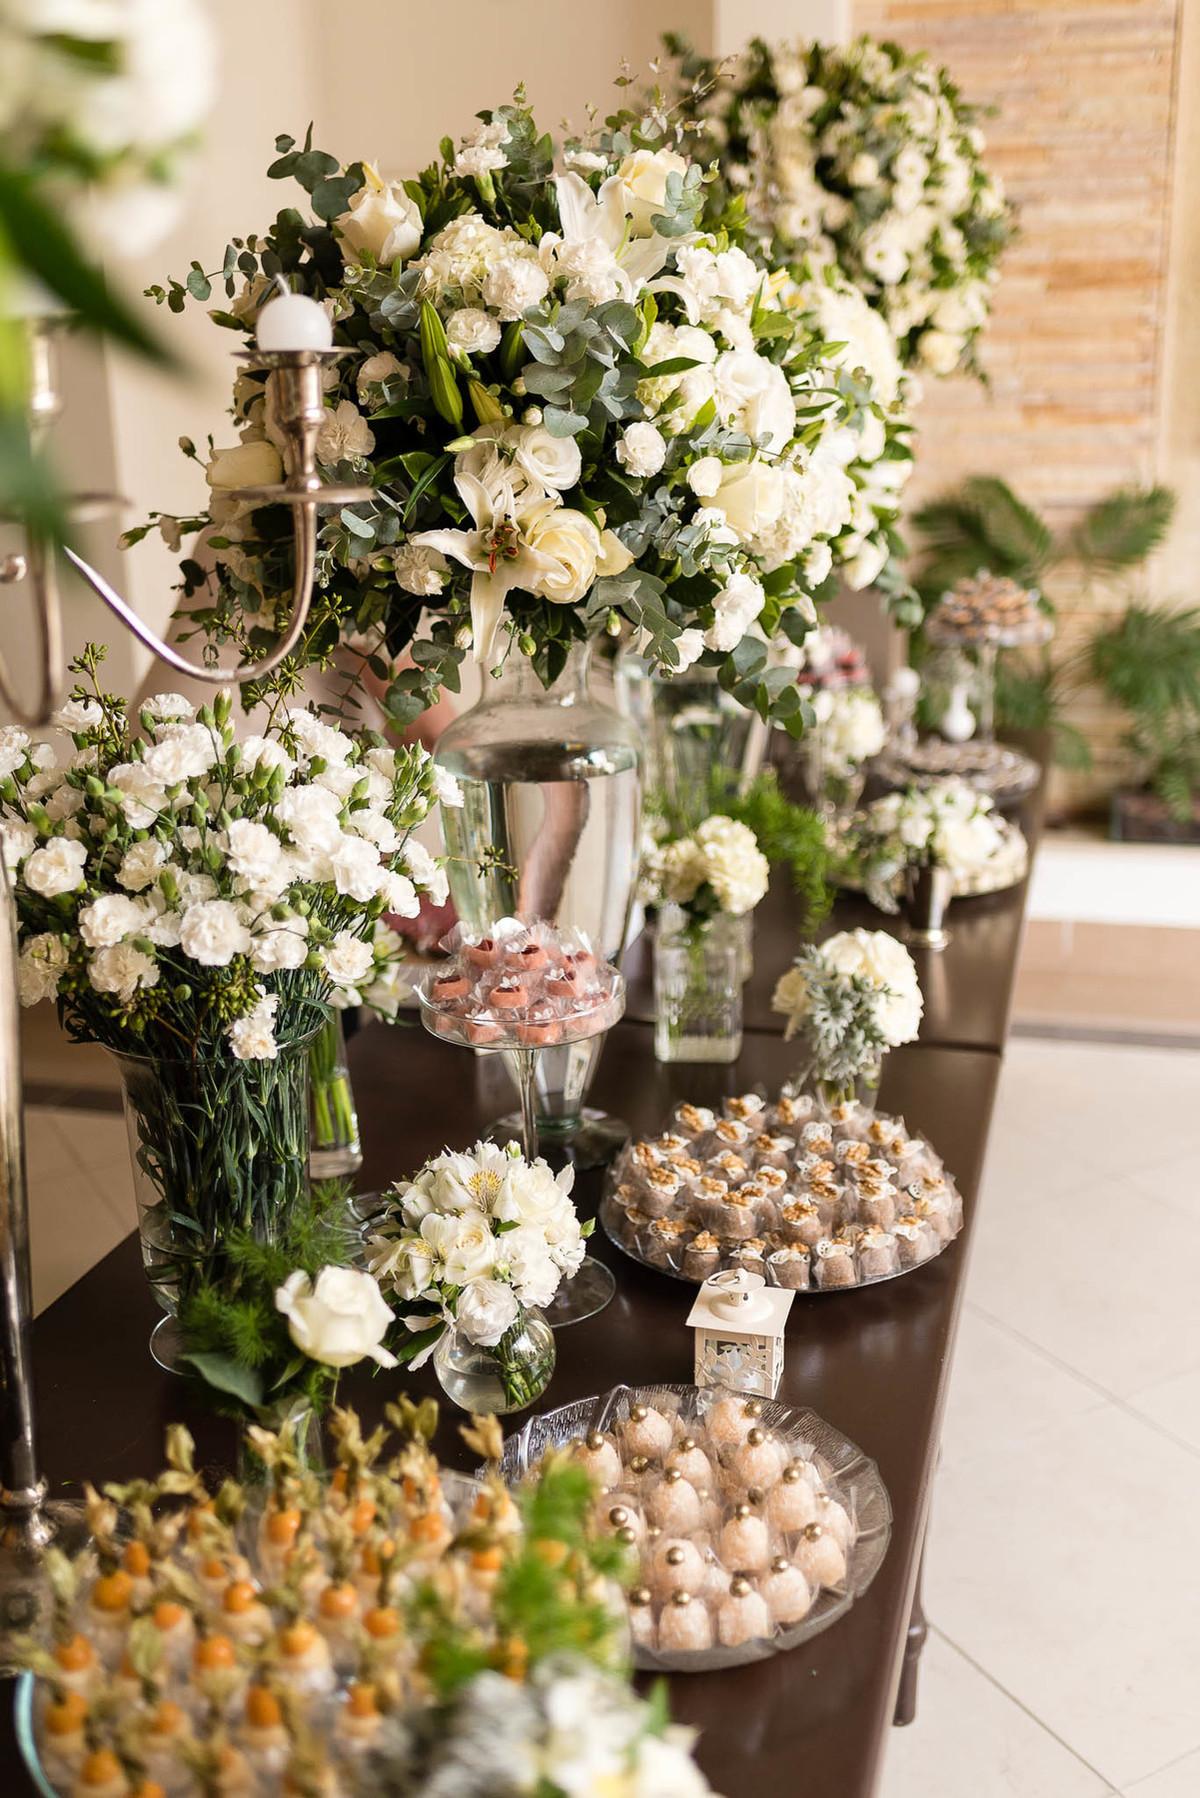 fotografia casamento espaço nobre são paulo flores mesa doces decoração wewfotografia